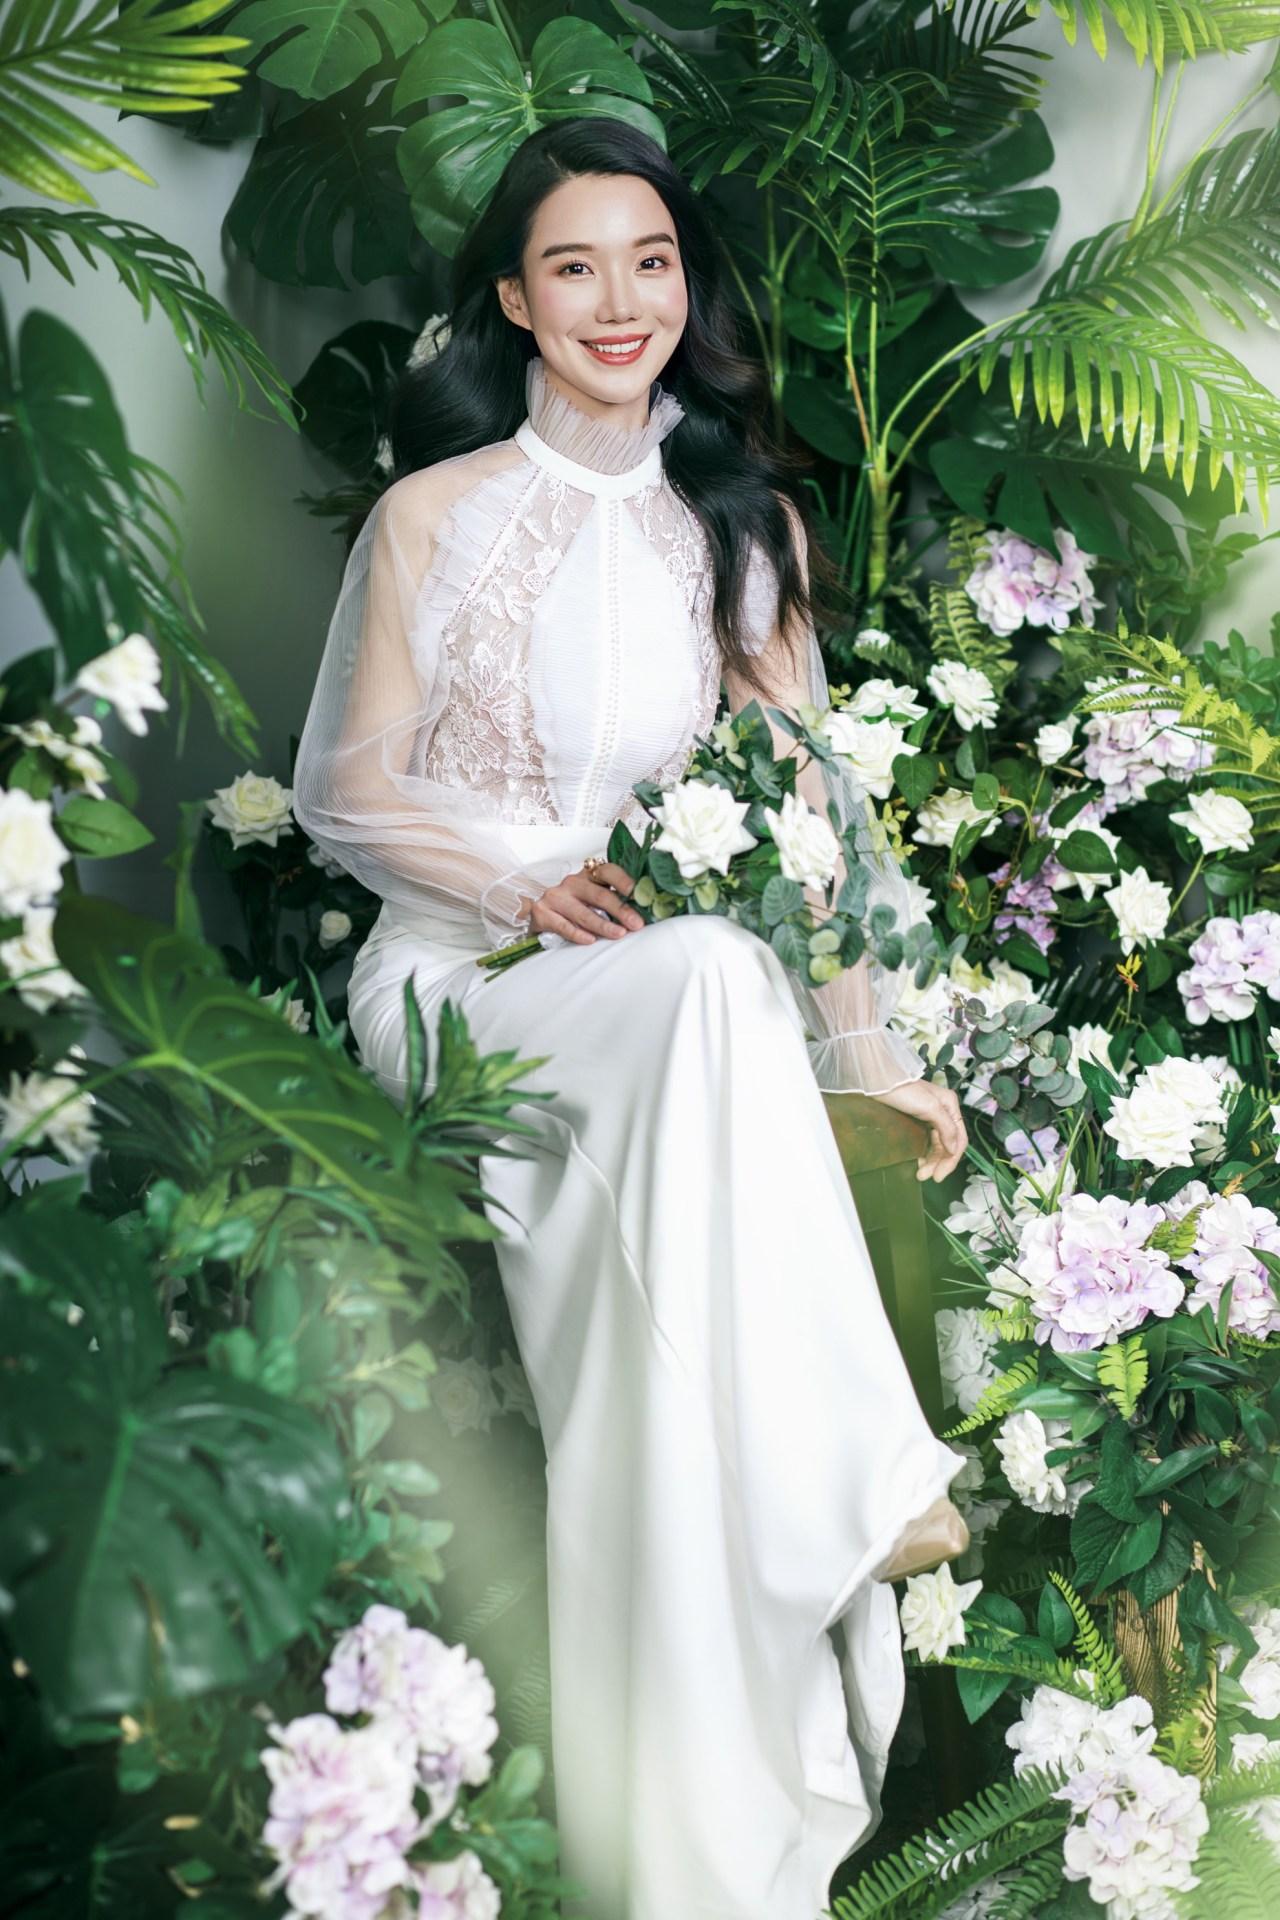 婚紗品牌,禮服婚紗,婚紗照,攝影寫真,婚紗攝影,婚紗禮服,禮服出租,婚紗推薦